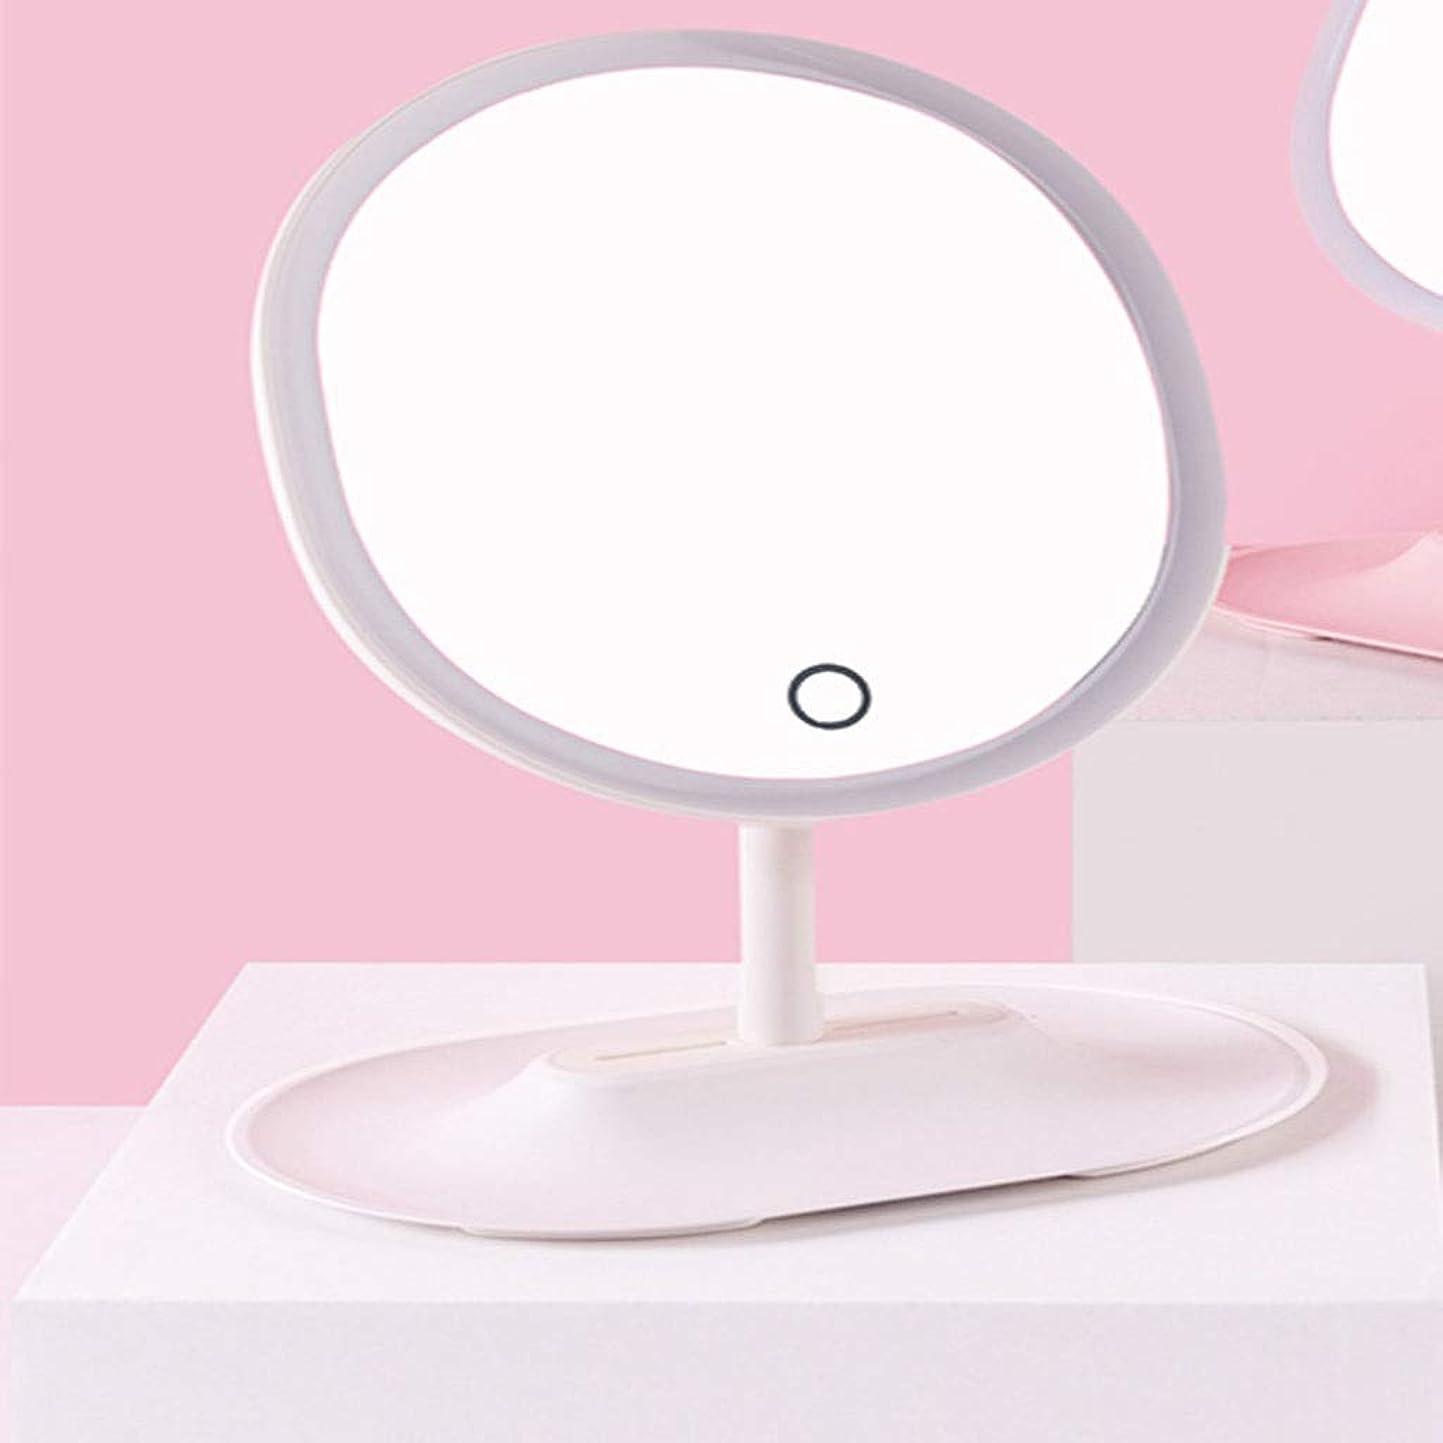 結核コミットメント劣る化粧鏡のデスクトップは補助光の充電のドレッサーの太陽ミラーが付いているランプのデスクトップを導きました (Color : White)